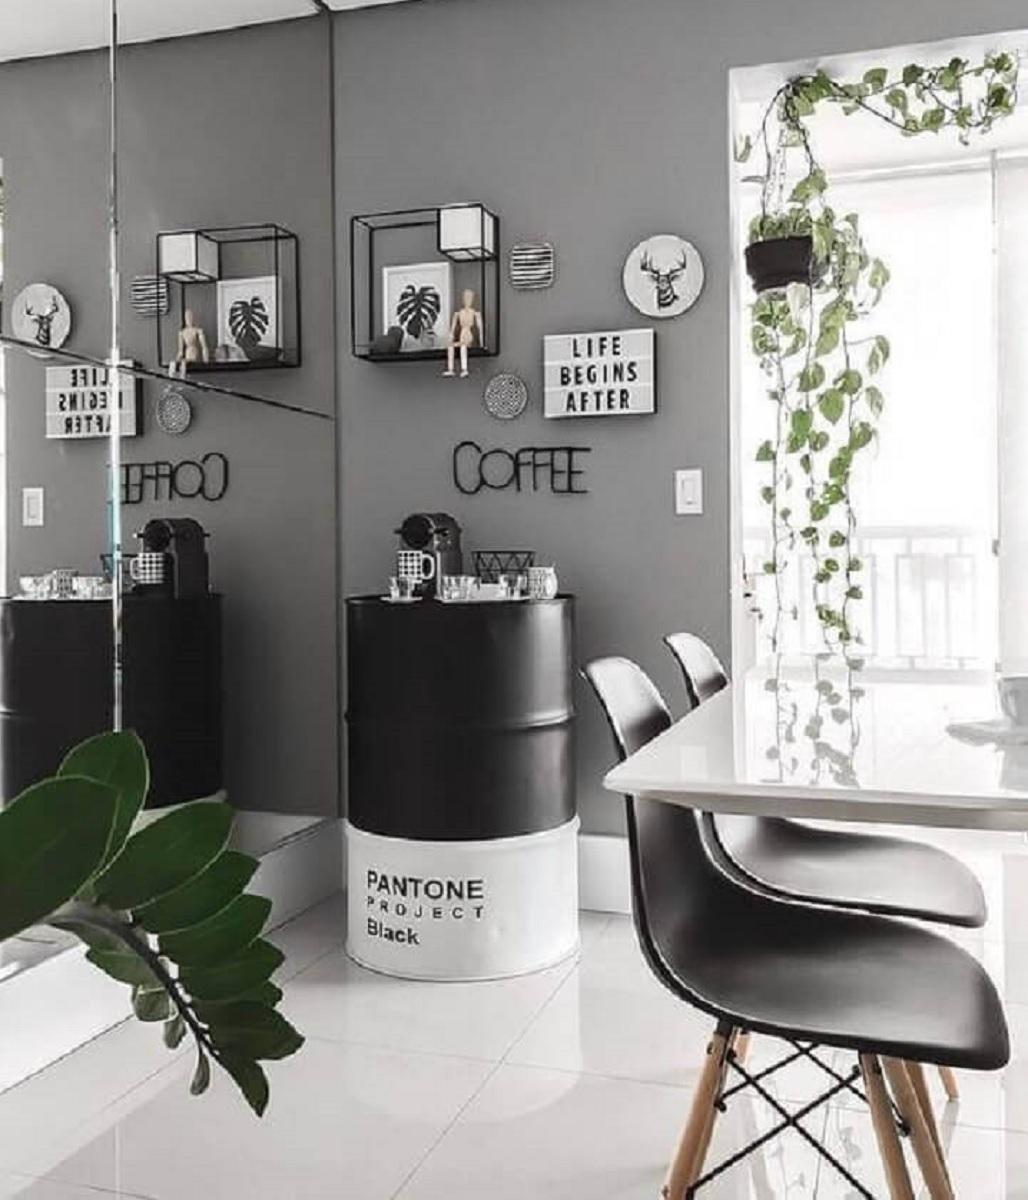 tambor decorativo para sala de jantar cinza e branca com parede espelhada Foto Futurist Architecture